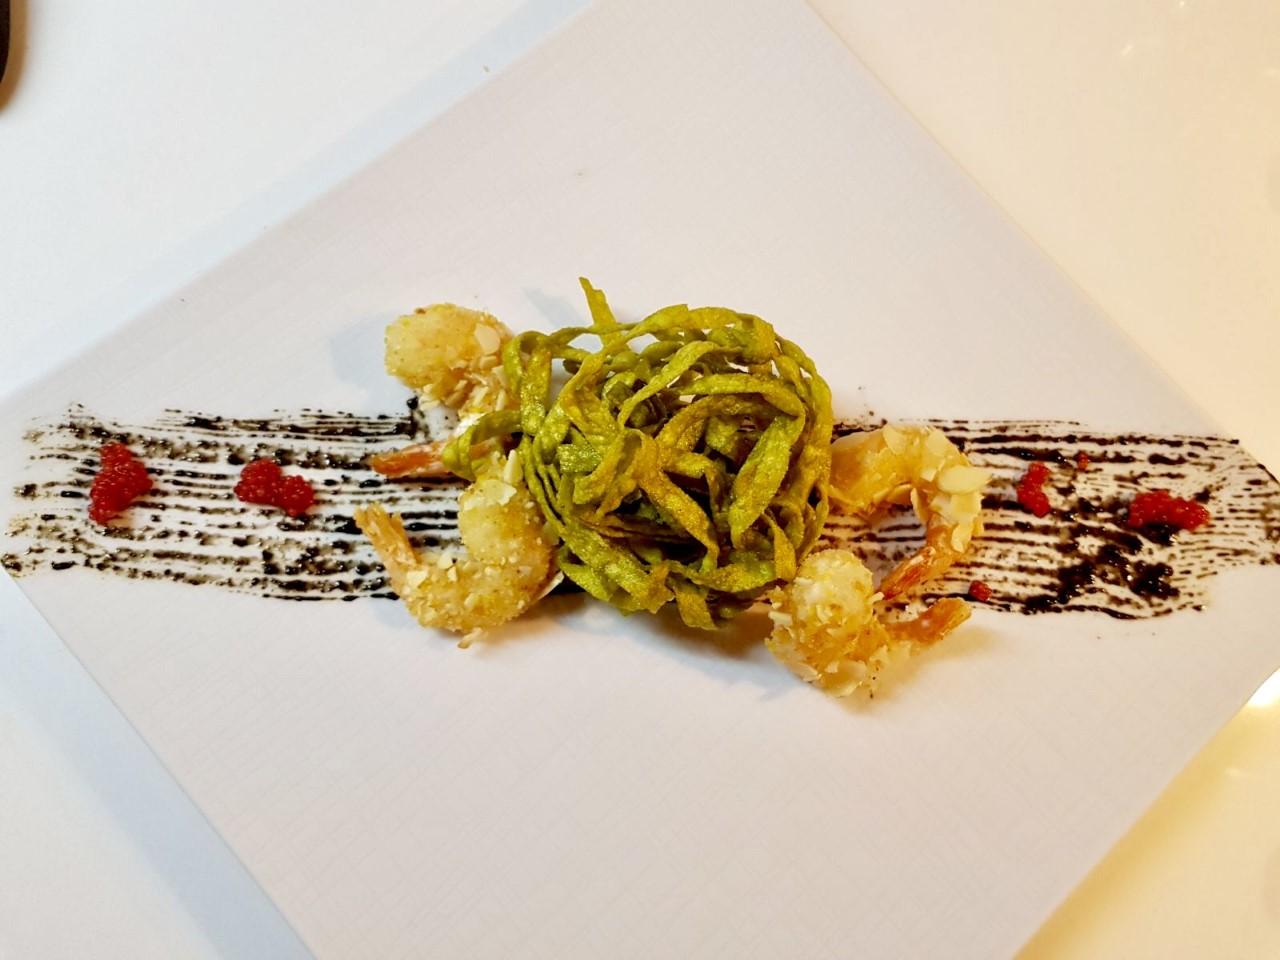 Nido fritto con gamberi in crosta di mandorle 1